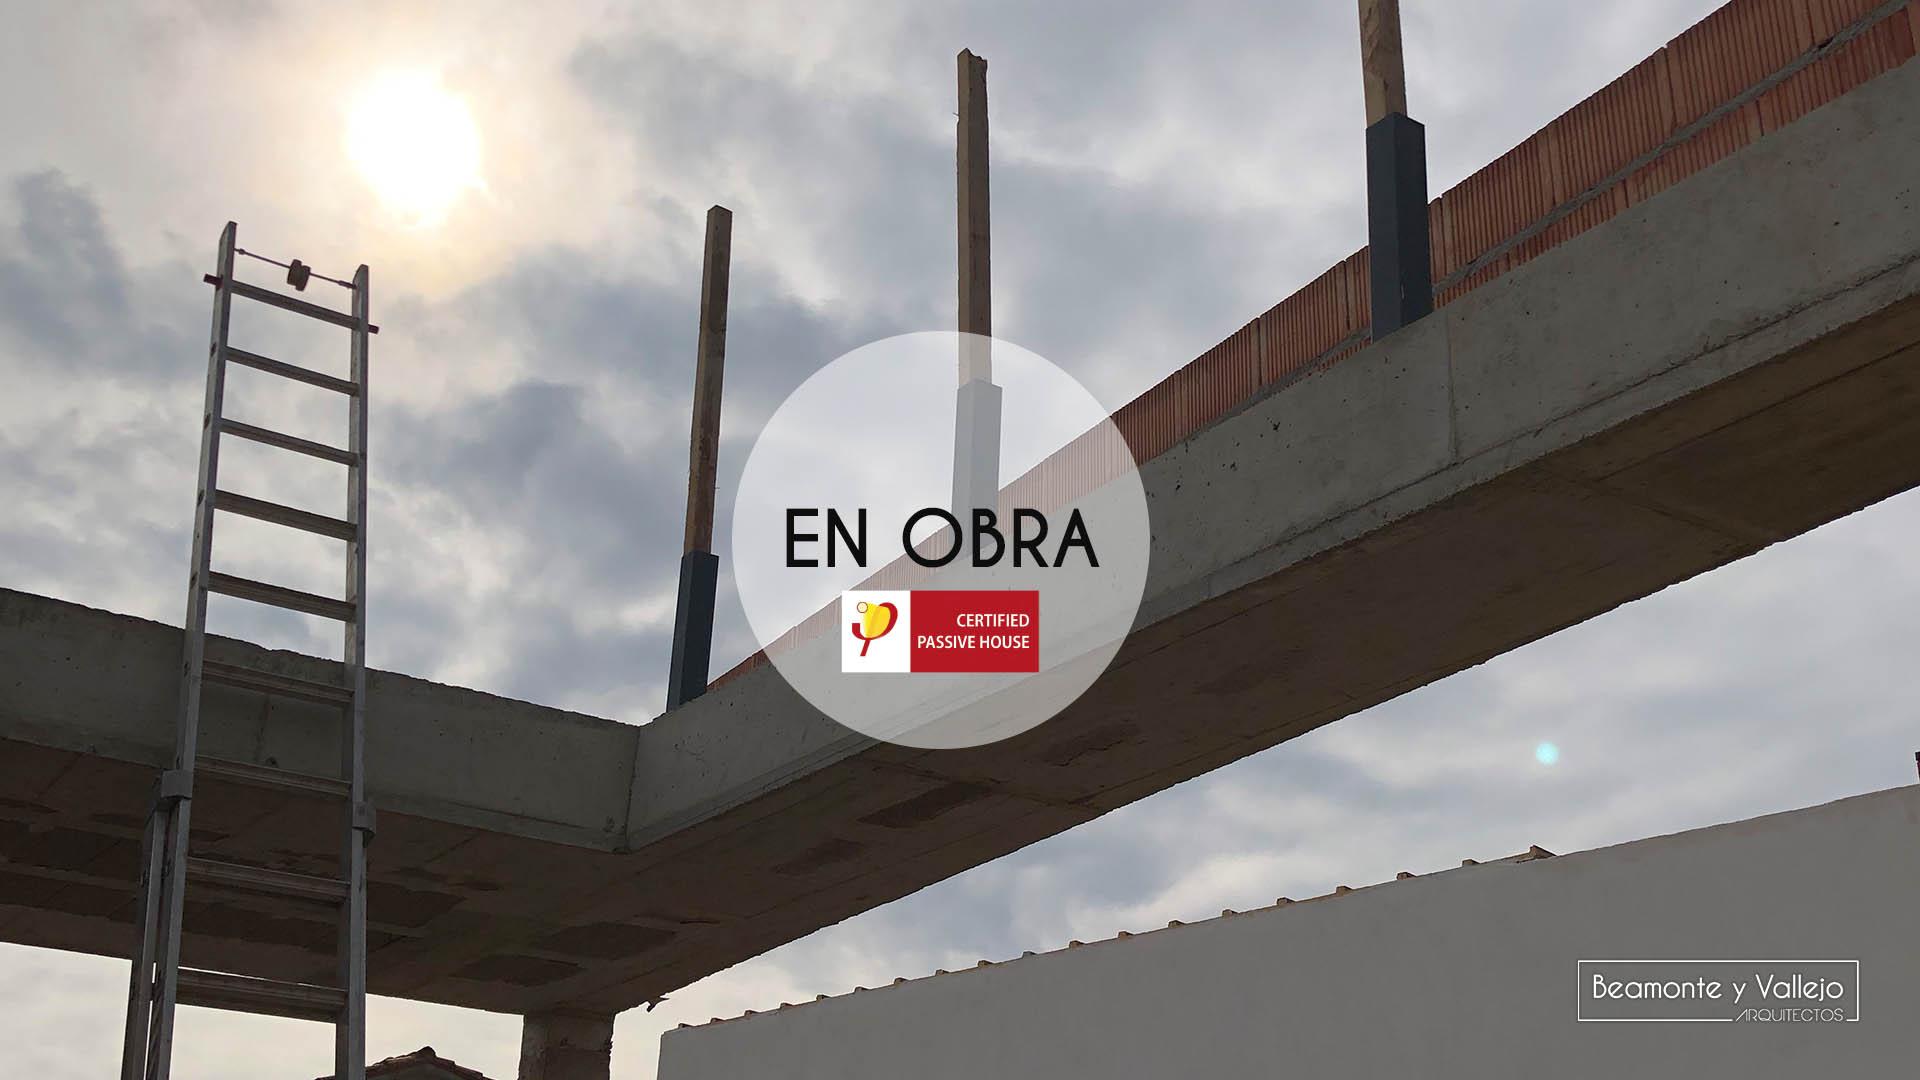 Beamonte y Vallejo arquitectos - Passivhaus Pradejón en obra - 4